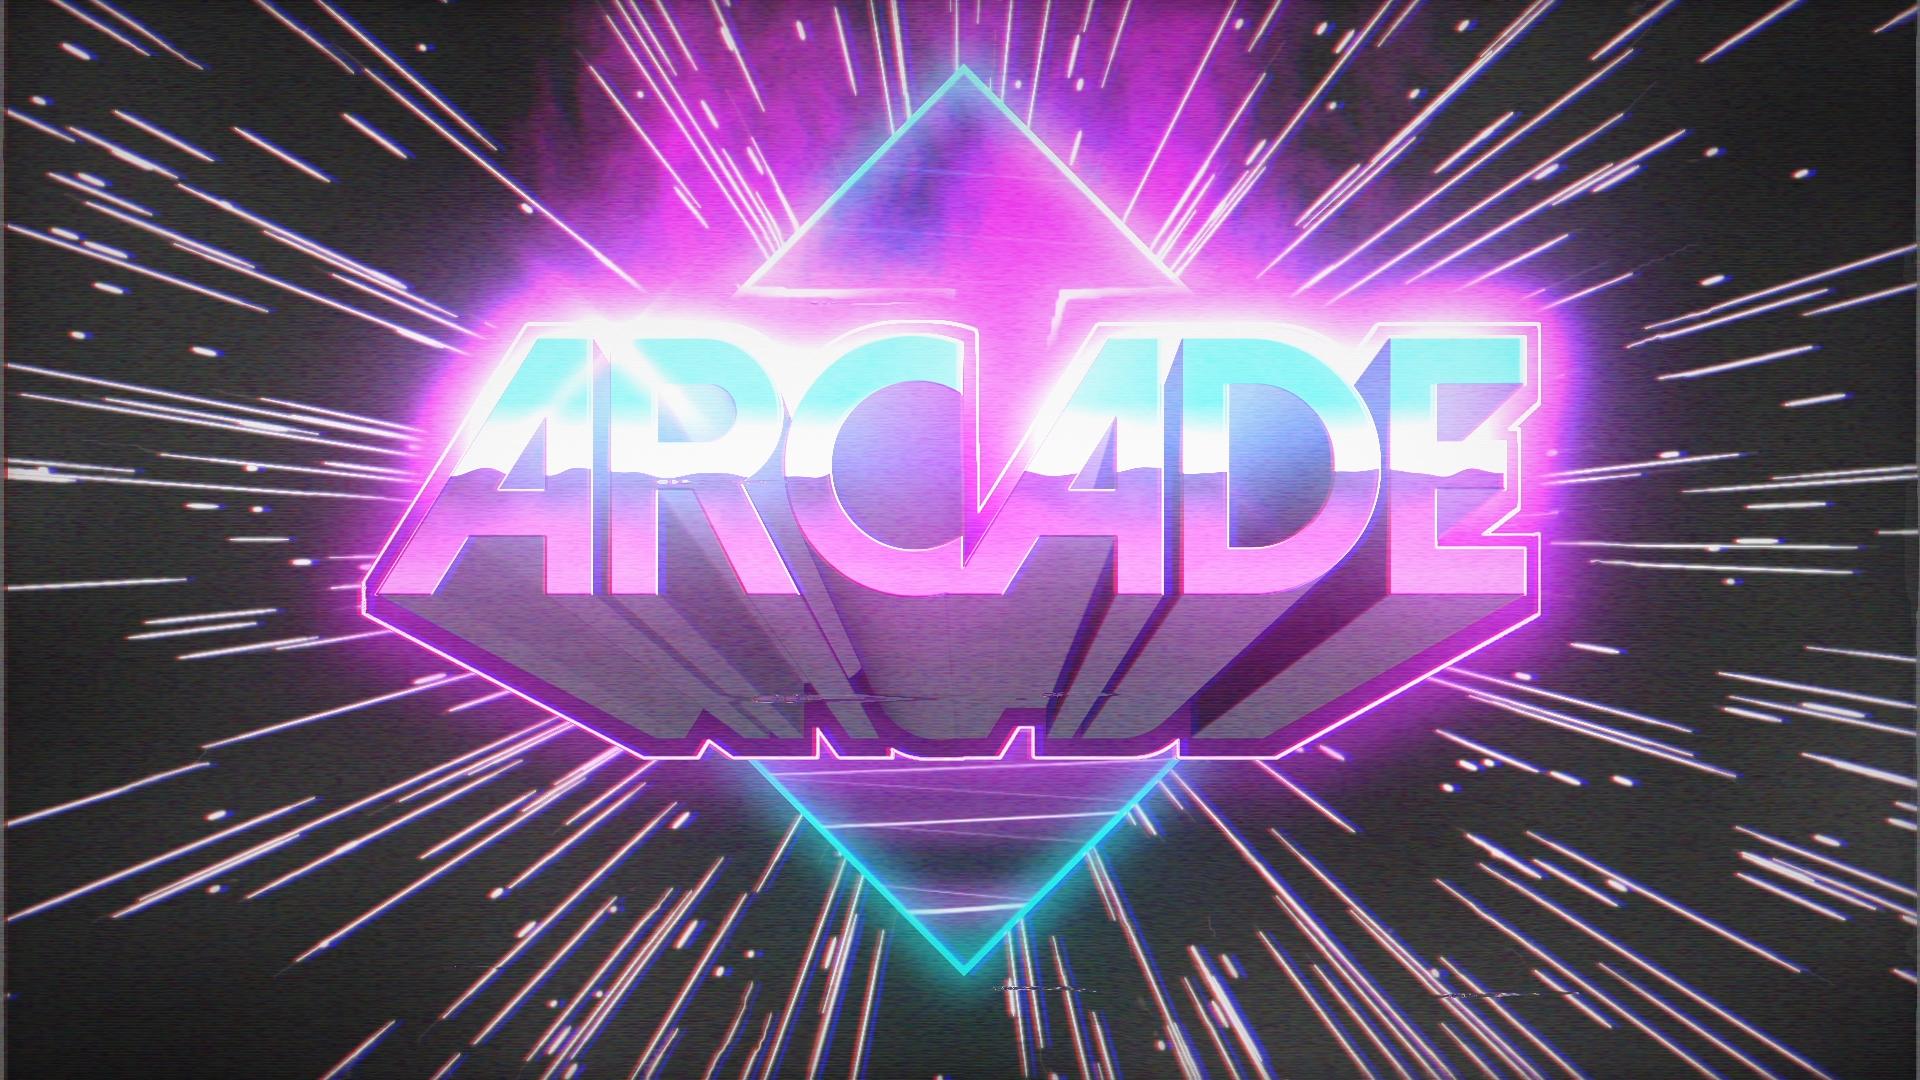 Arcade // Proyectos #EMCACR 2018/2019